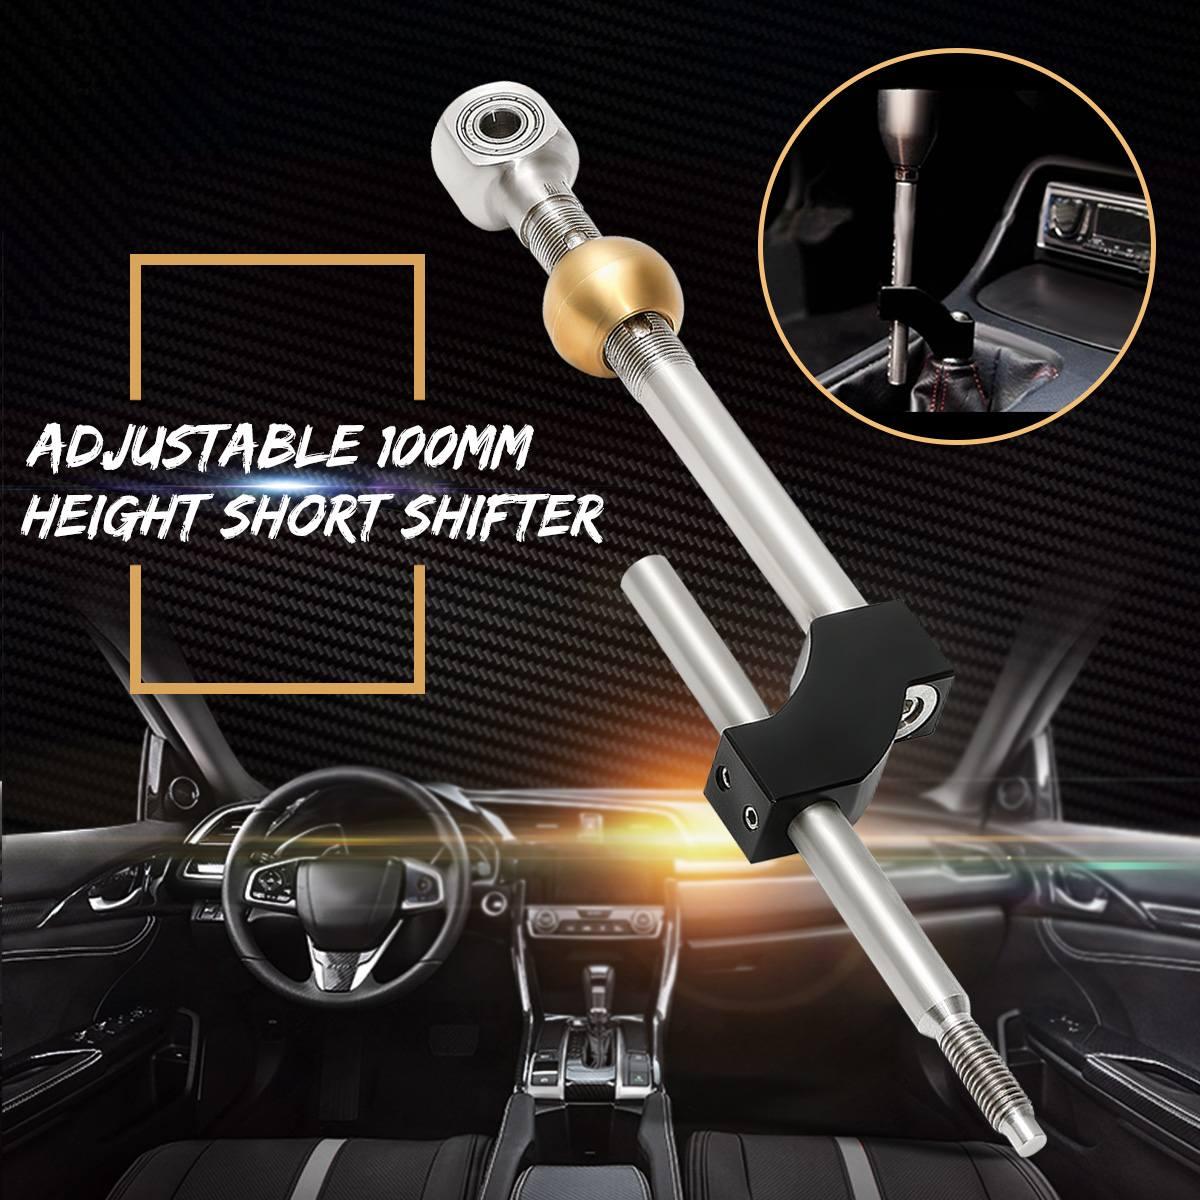 Réglable 100mm Hauteur Short Shifter Pour Honda Civic Pour Acier Inoxydable En Aluminium Hauteur Hauteur Double Short Shifter Avant Engrenages